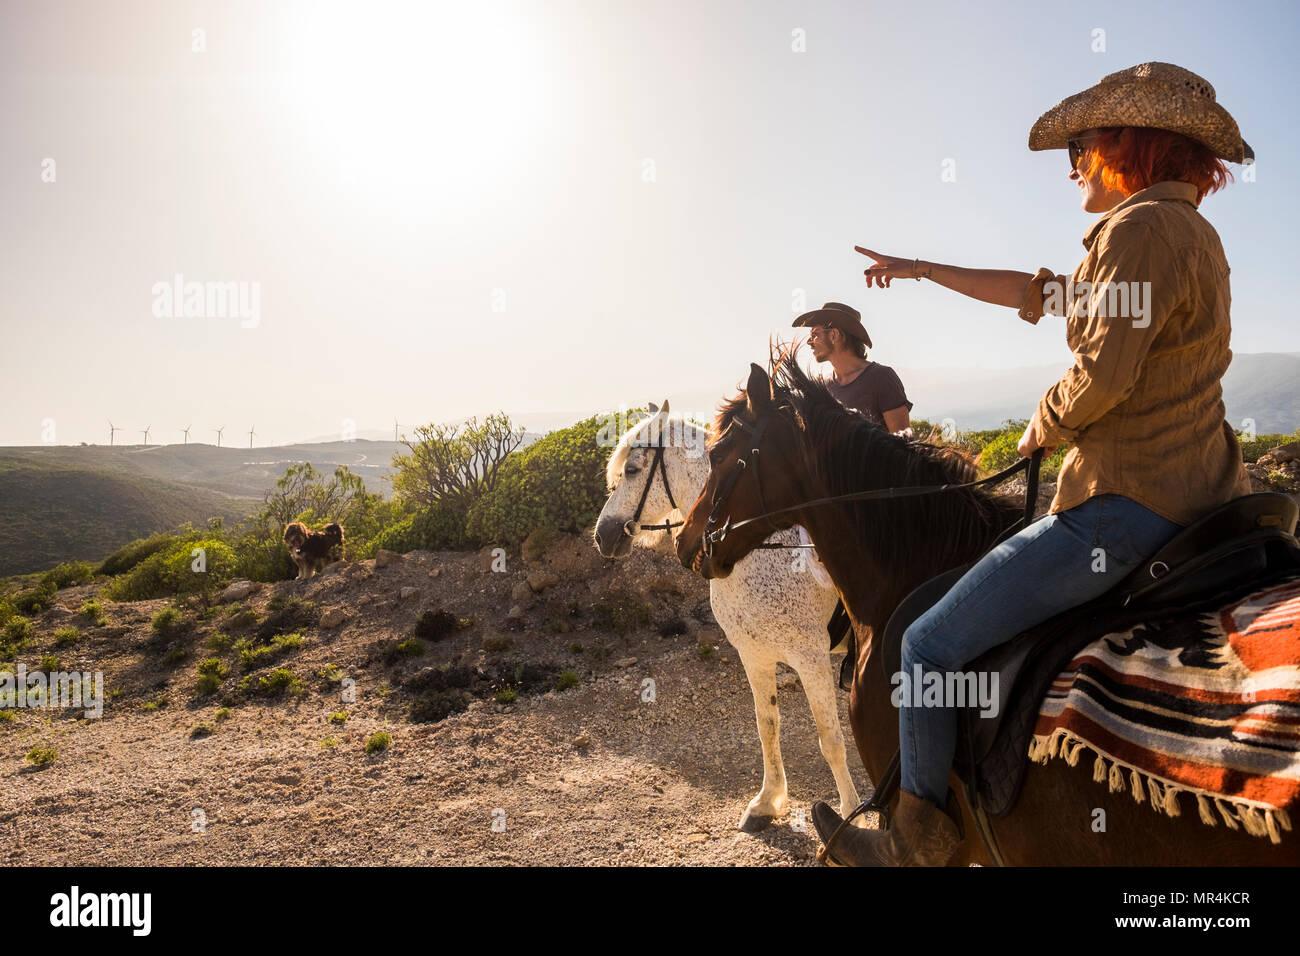 Couple en vacances à Tenerife monter à cheval dans la nature. moulin à vent sur l'arrière-plan et couleur ensoleillée journée. chien et animaux de l'activité de loisirs de plein air Photo Stock